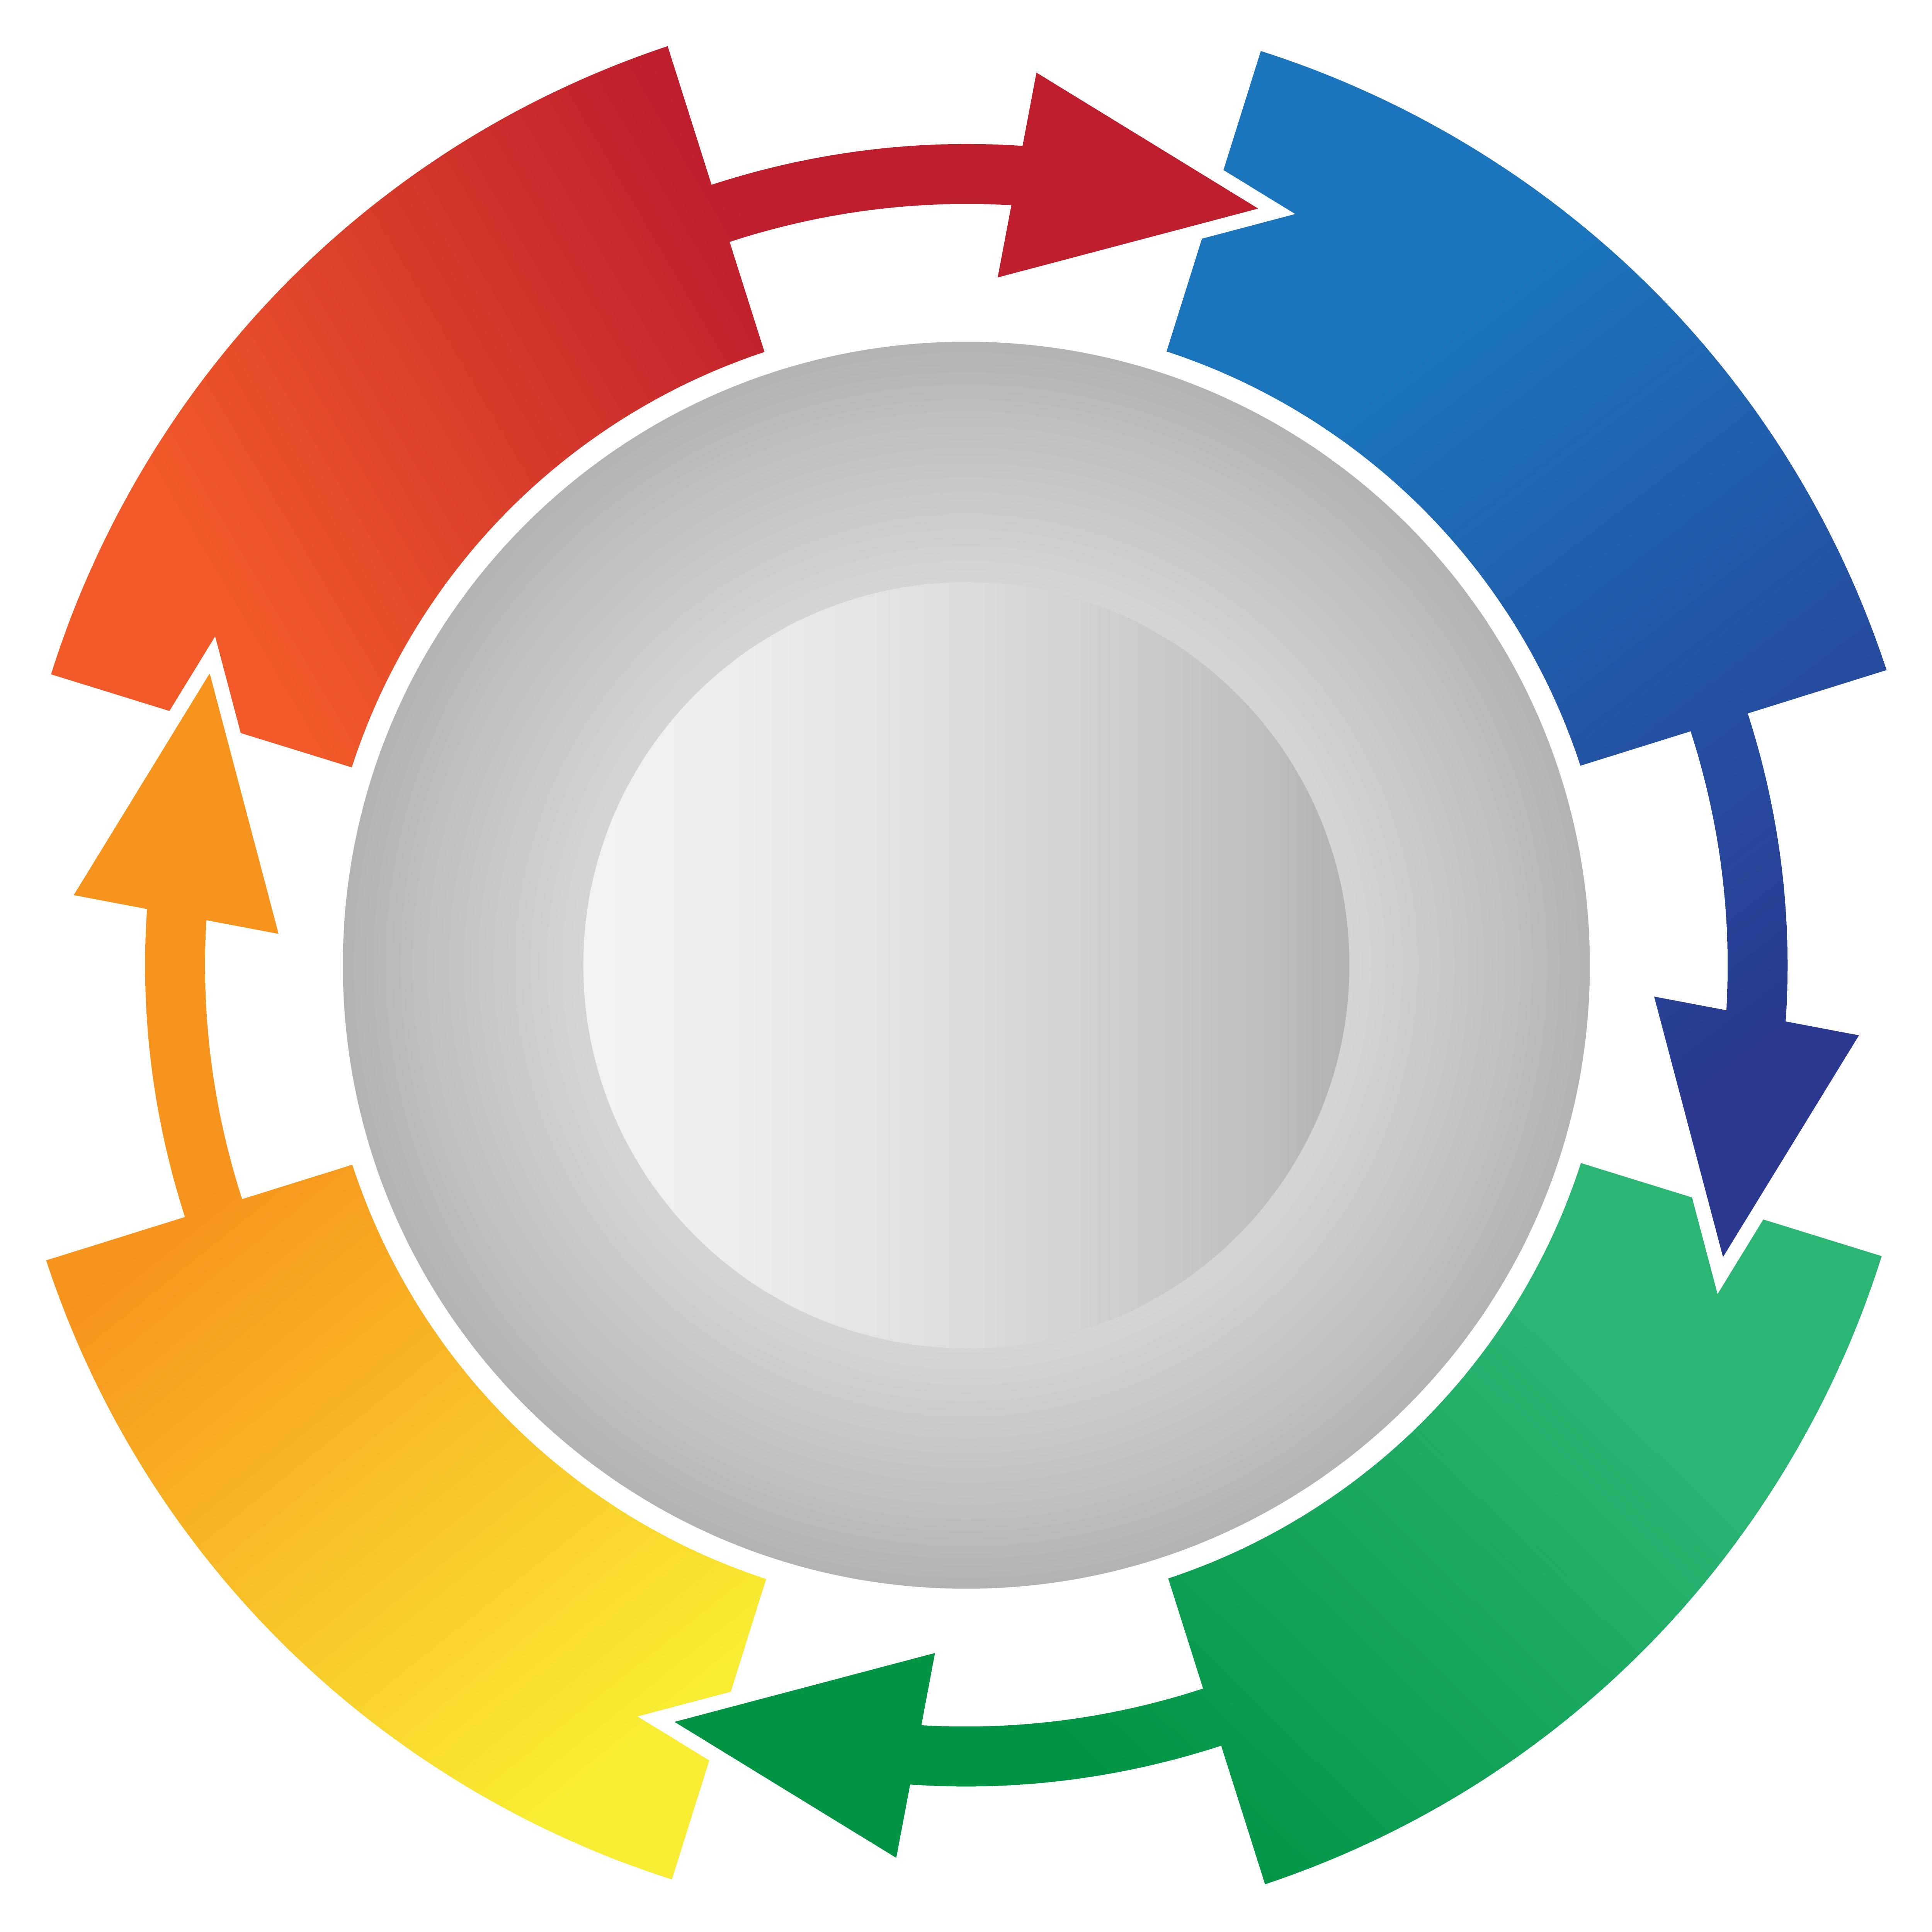 Process Flow Clip Art